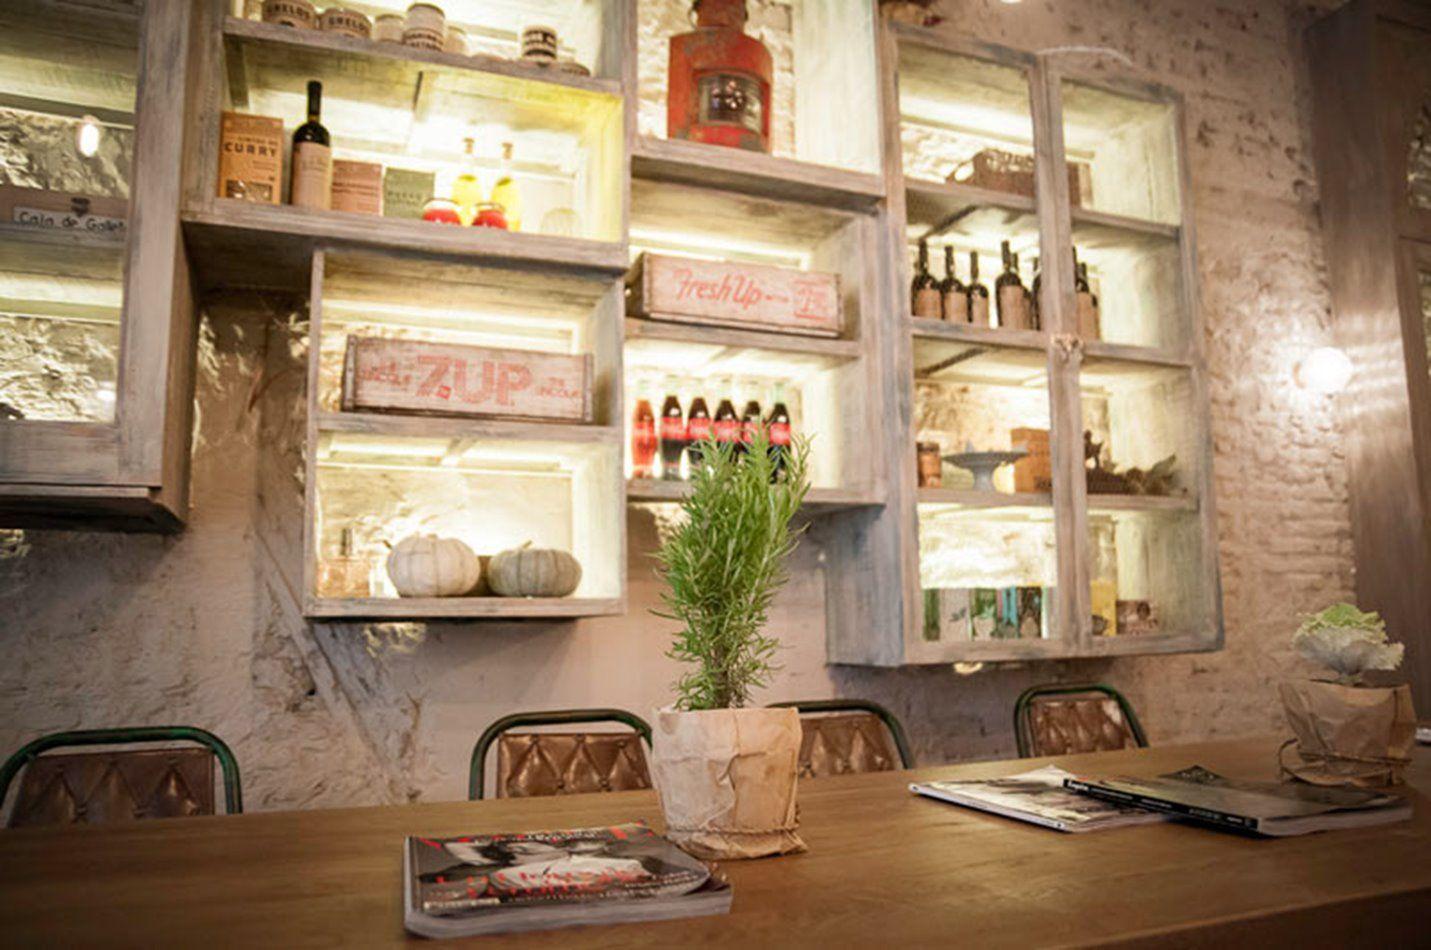 Interiorismo de estilo vintage y farmhouse en MariCastaña Madrid